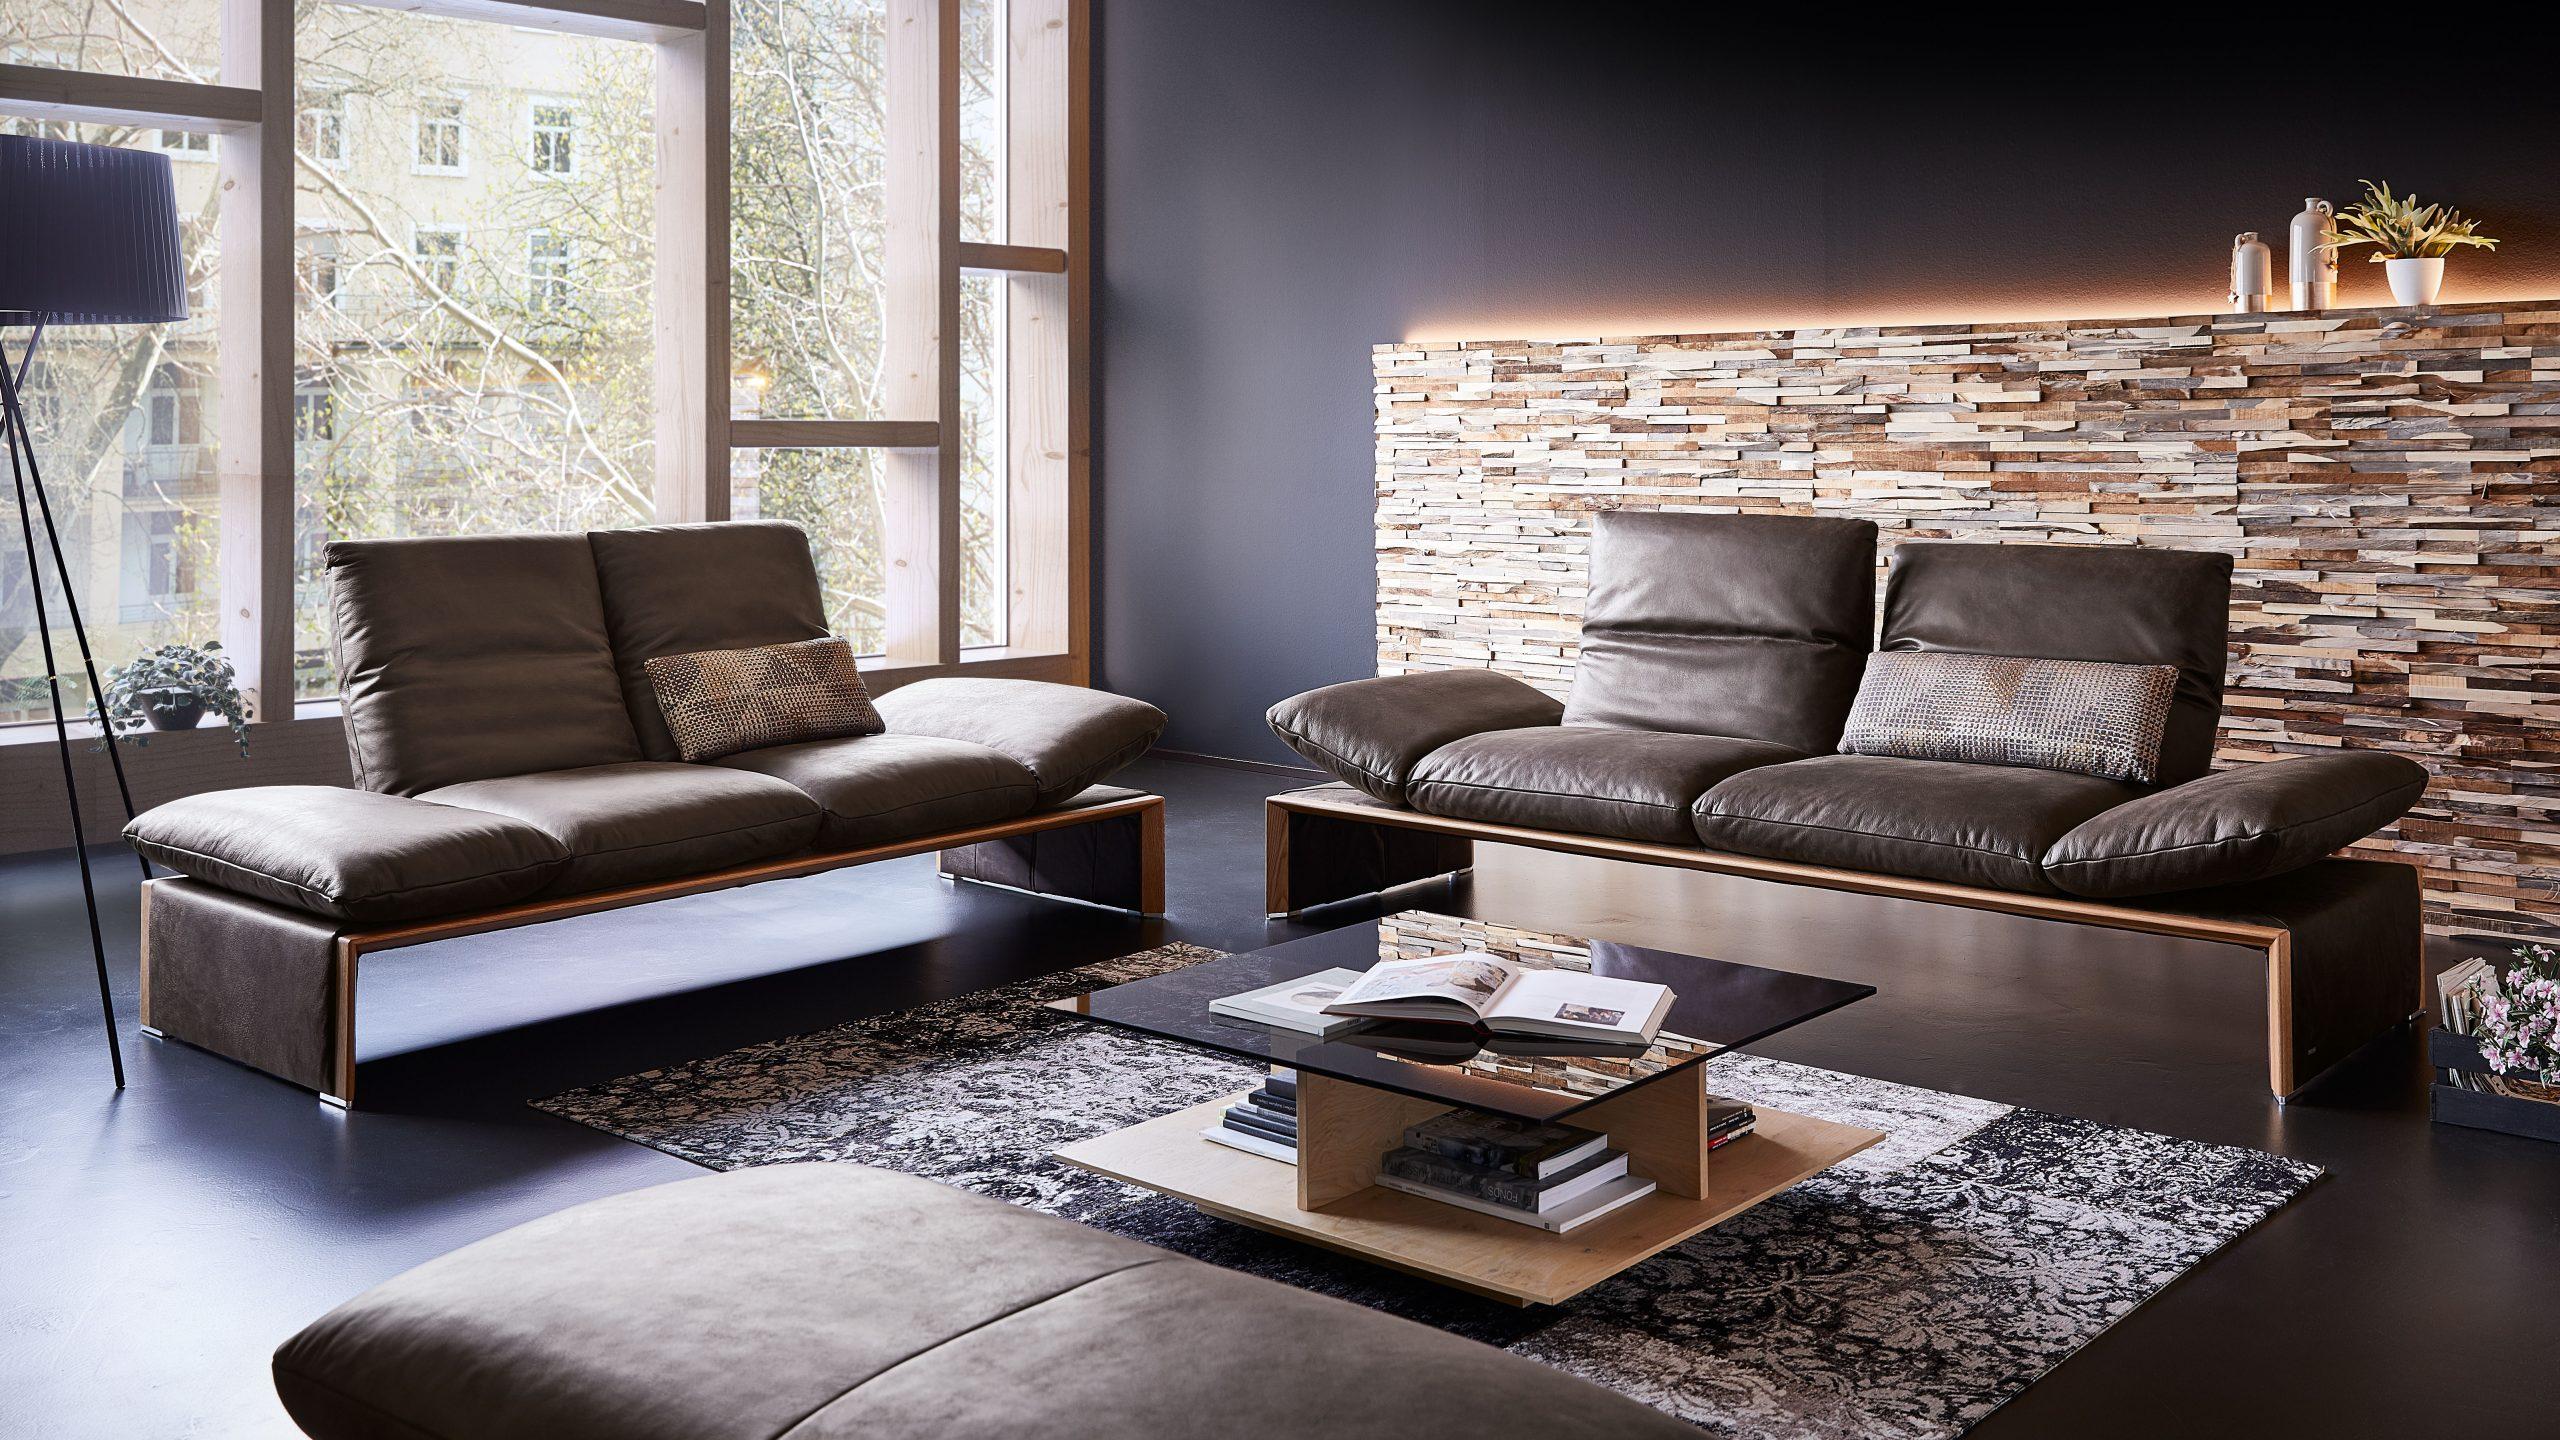 Full Size of Koinor Sofa Lederfarben Bewertung Francis Leder Preis Braun Gebraucht Kaufen Couch Outlet Rot Preisliste Erfahrungen Grau Breit 3 Sitzer Zweisitzer W Schillig Sofa Koinor Sofa